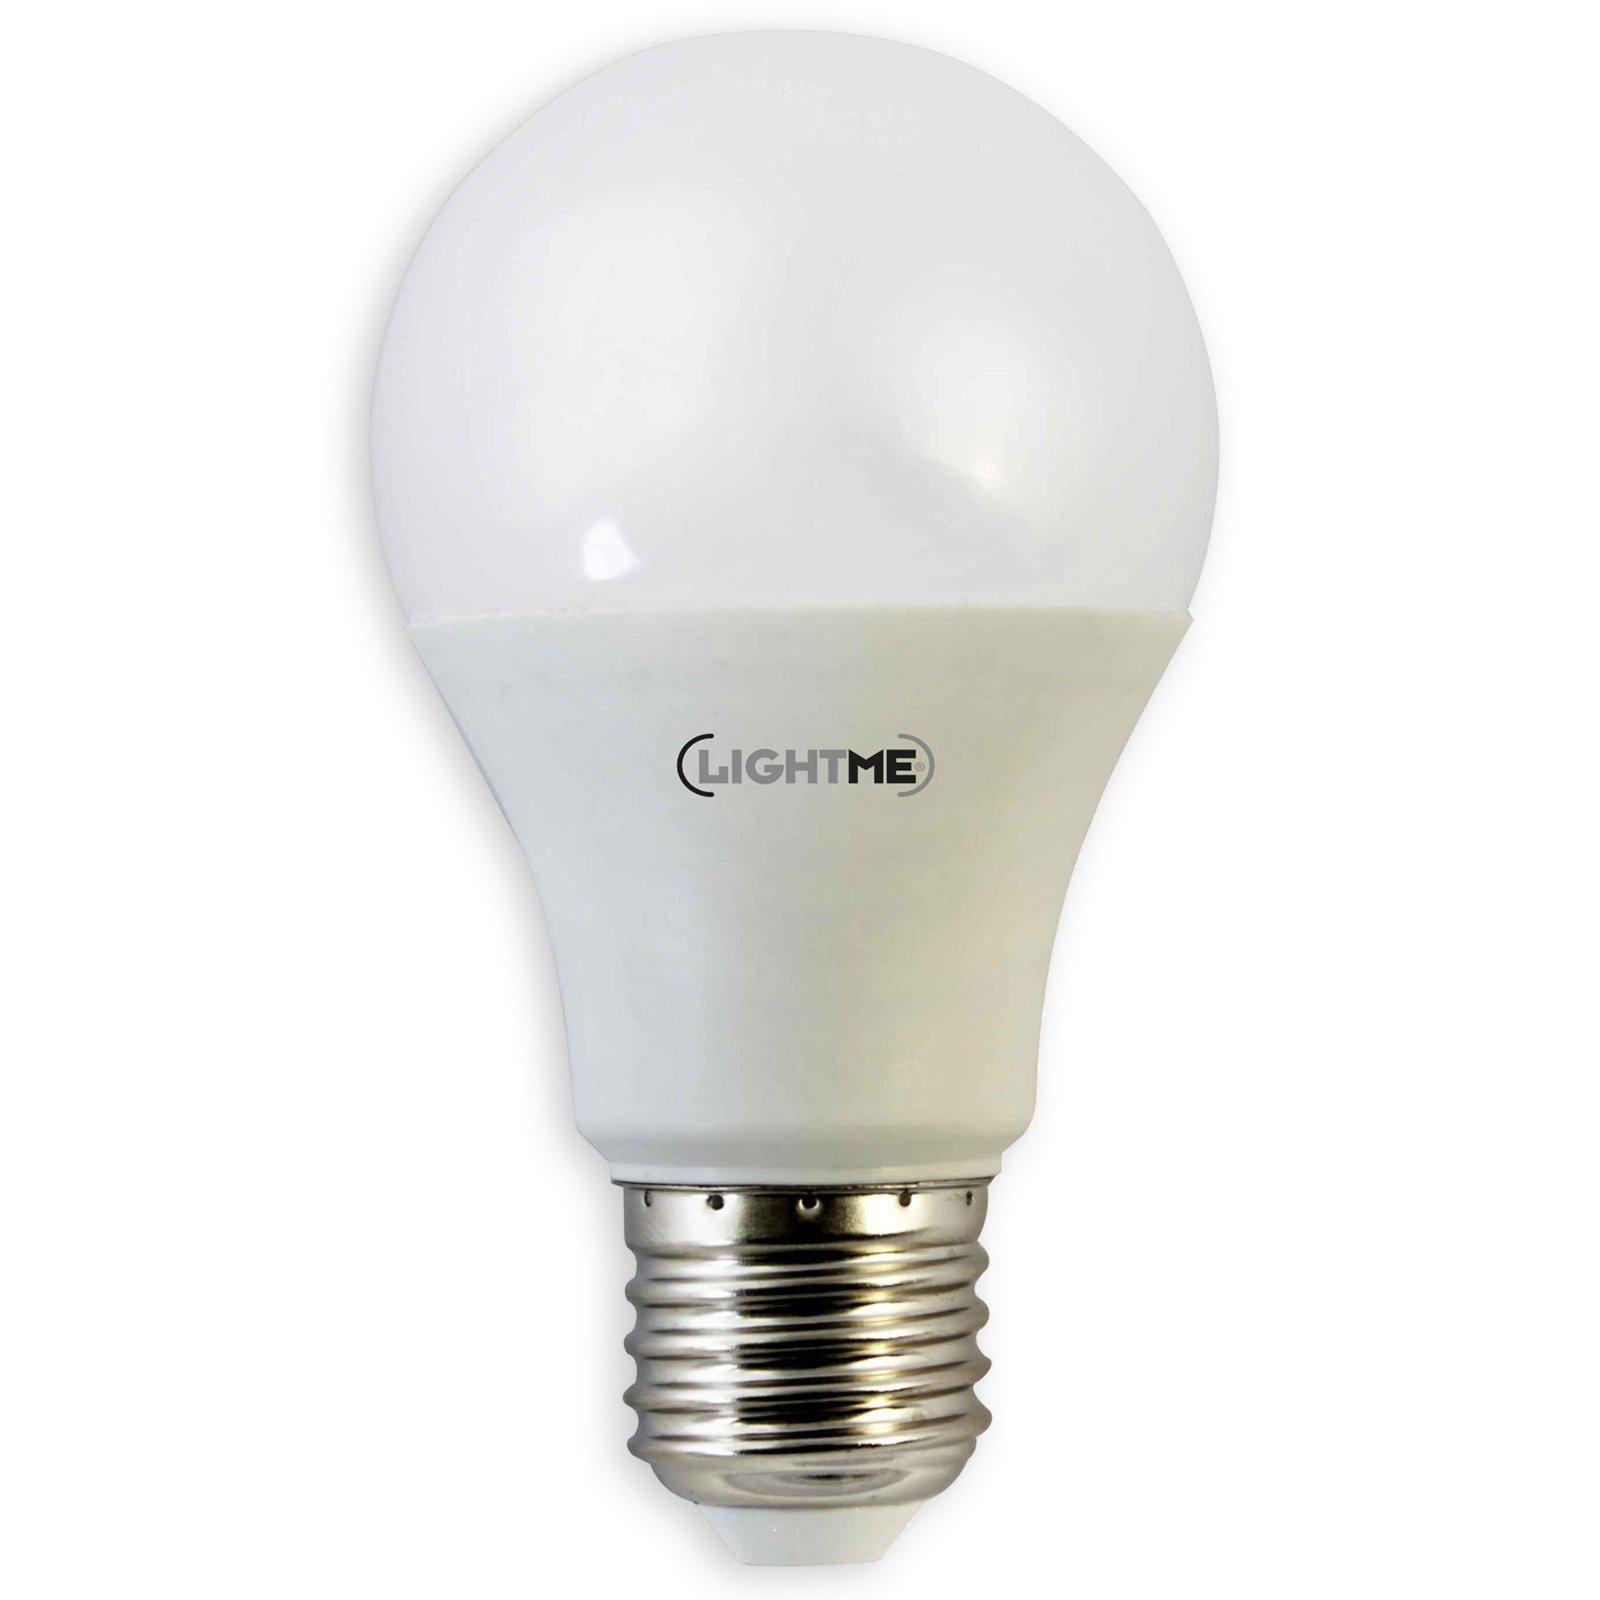 a60 led leuchtmittel lightme classic e27 10 w warmwei led leuchtmittel leuchtmittel. Black Bedroom Furniture Sets. Home Design Ideas